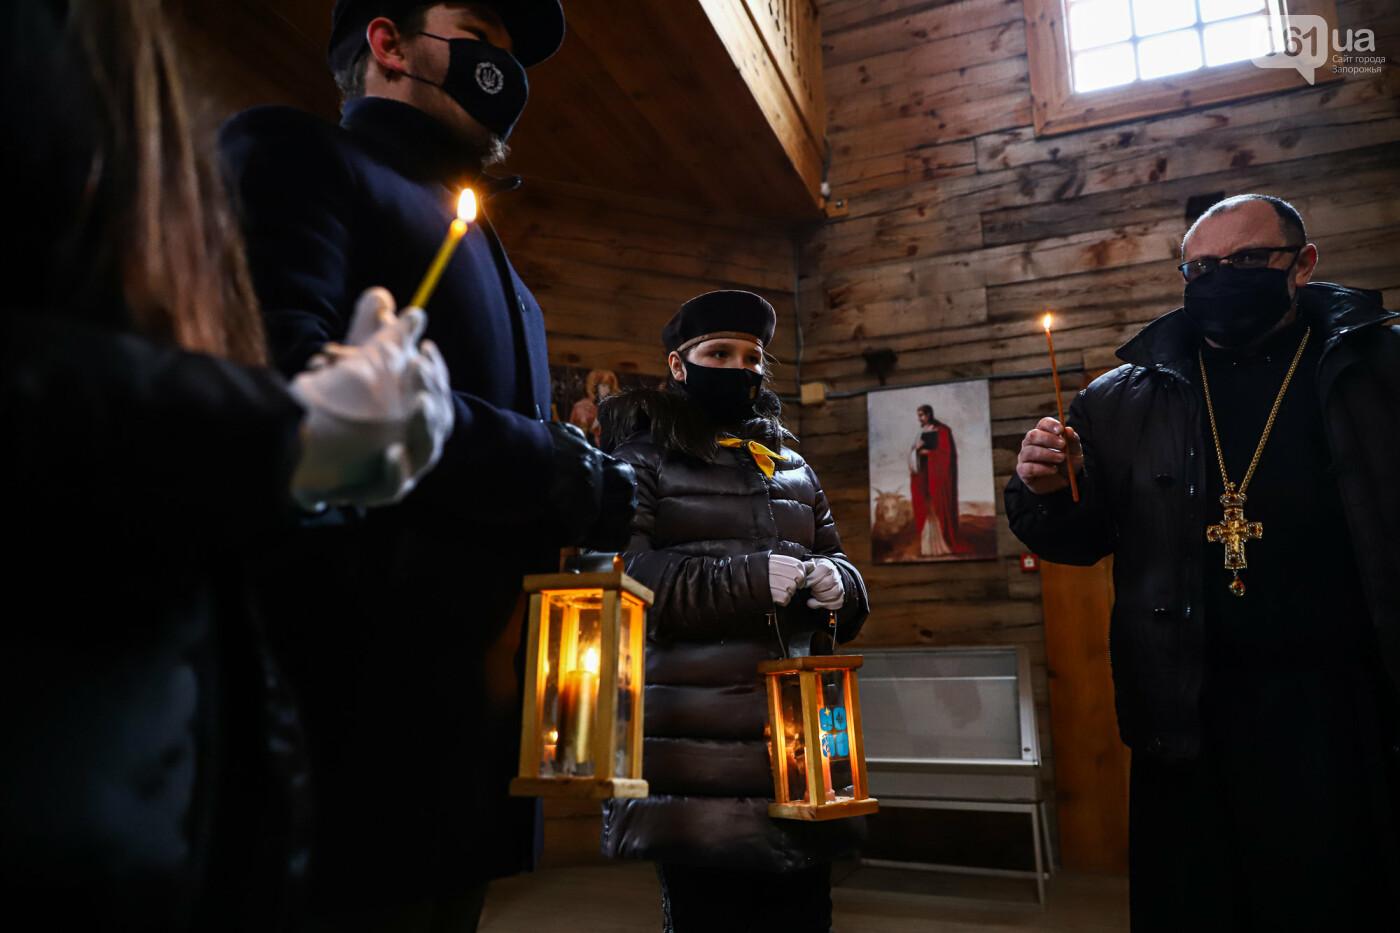 На Хортице скауты передали священникам Вифлеемский огонь, - ФОТОРЕПОРТАЖ, фото-15